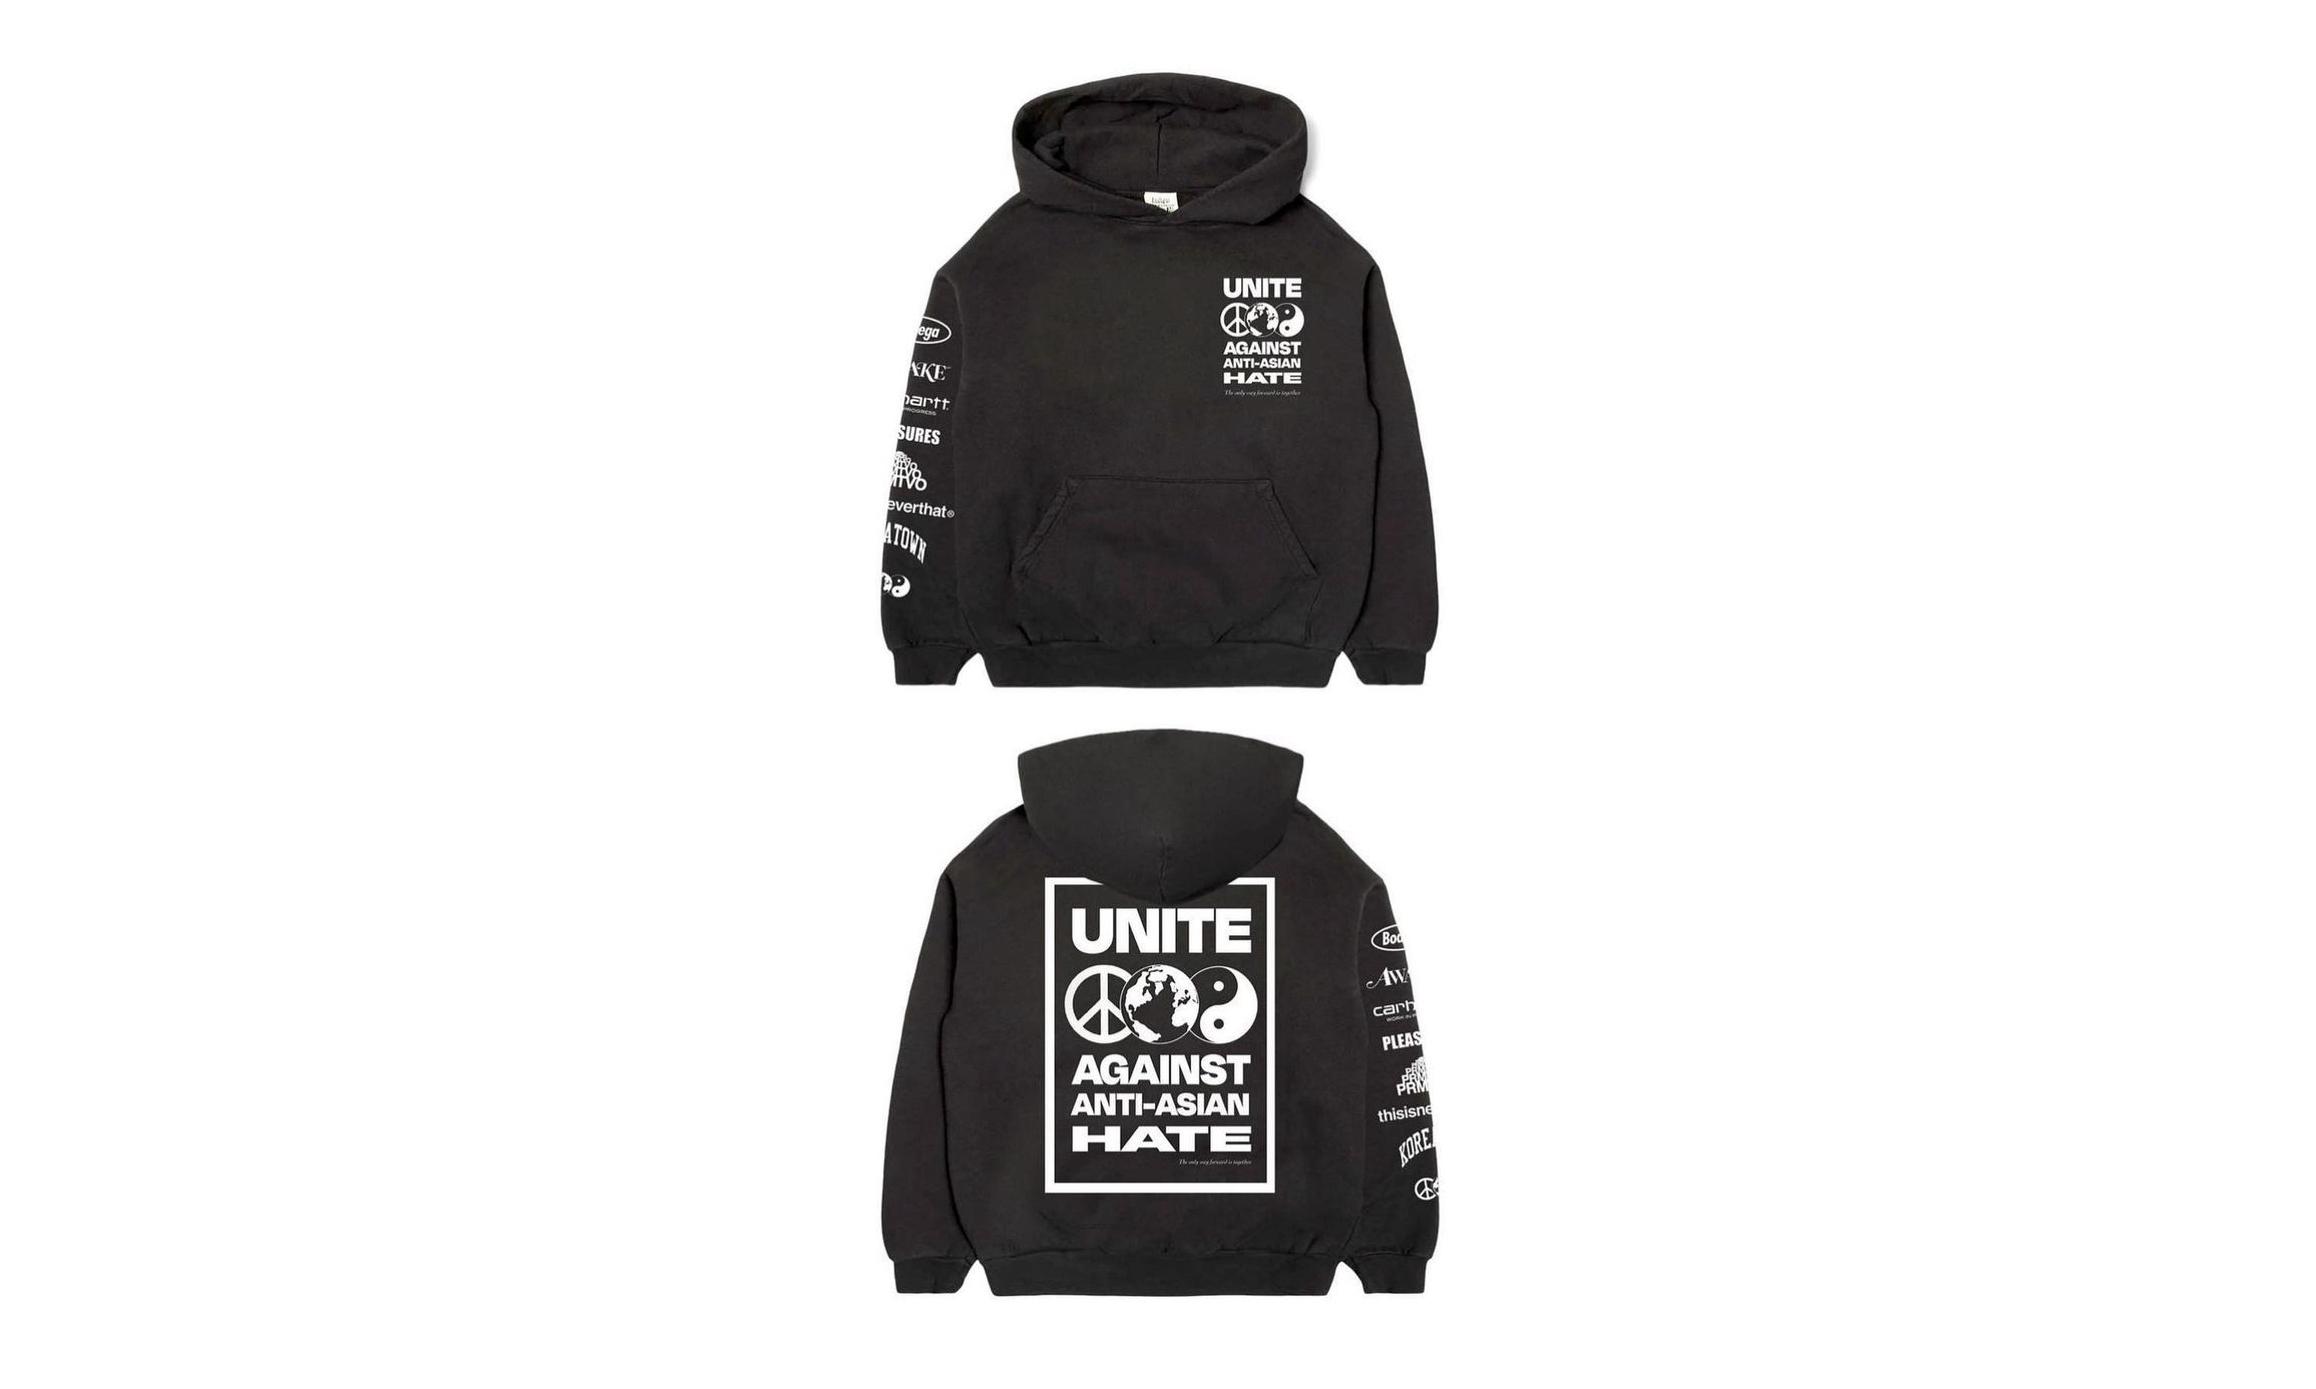 Bodega 联合 6 大潮流品牌推出「Unite Against Anti-Asian Hate」别注卫衣